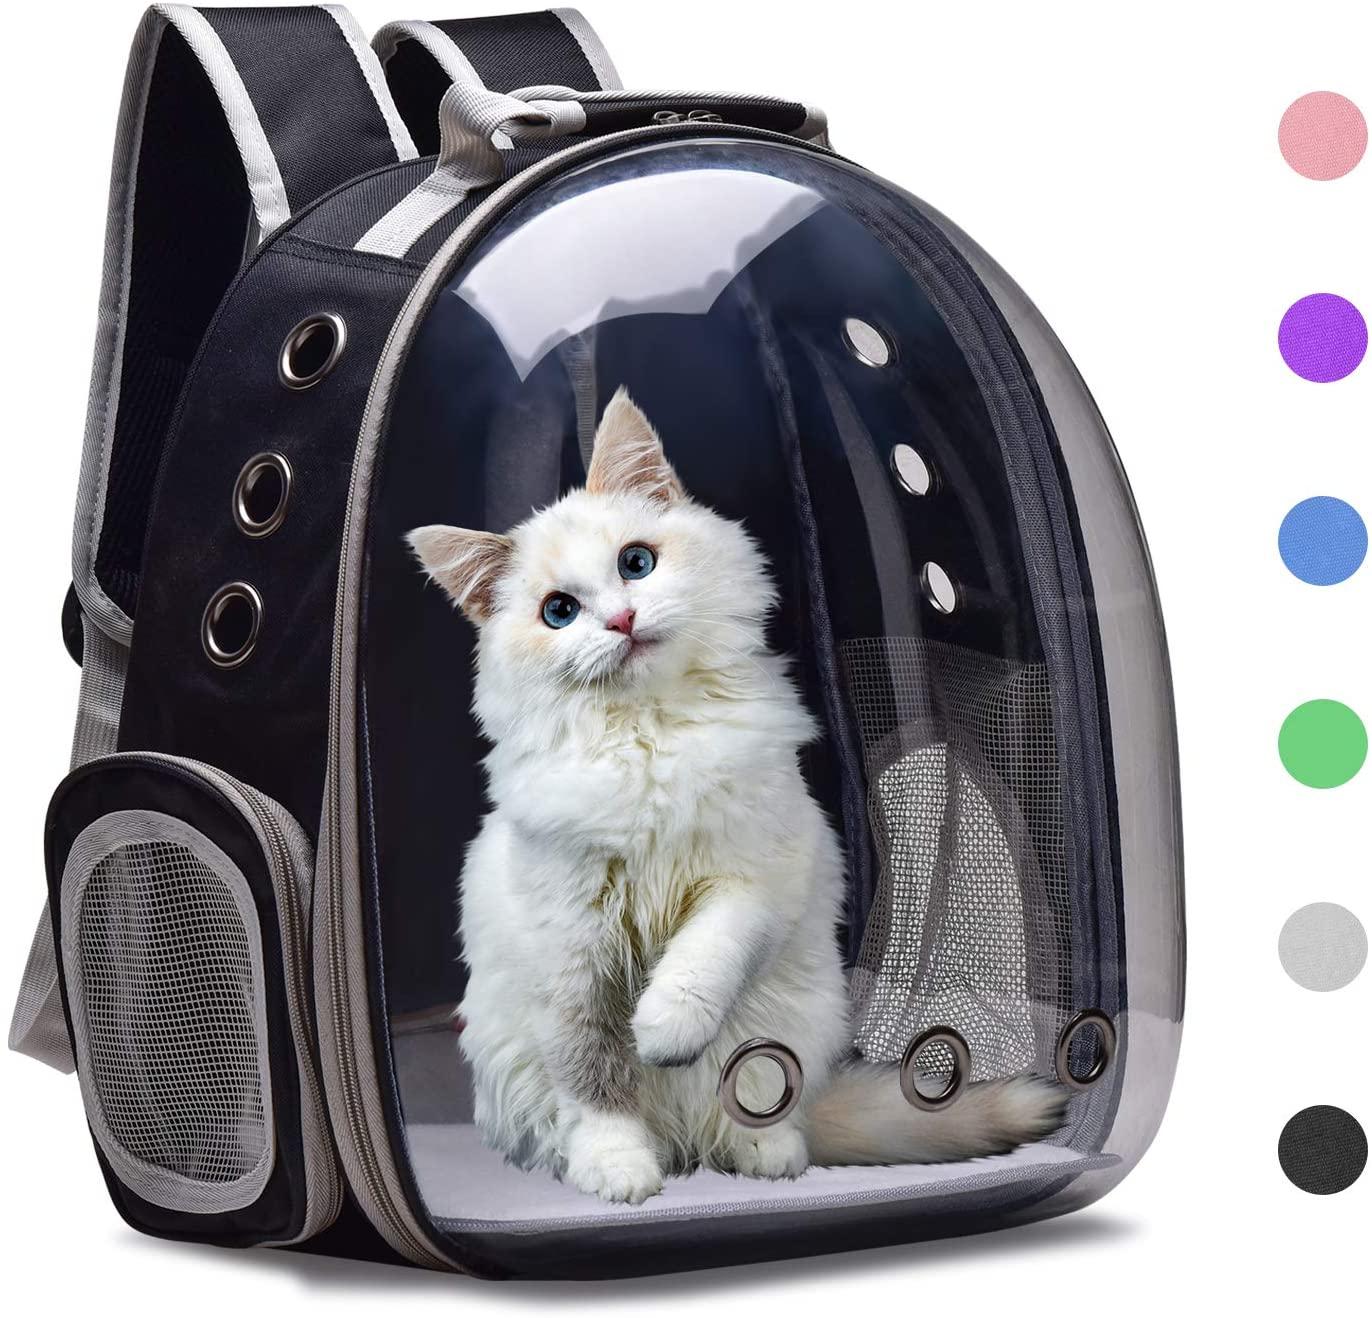 Cat Carrier Рюкзак дышащие прозрачные щенок собака пакет из пузырчатой пленки космическая капсула ПЭТ перевозки котенок, щенок, домашнее животн...